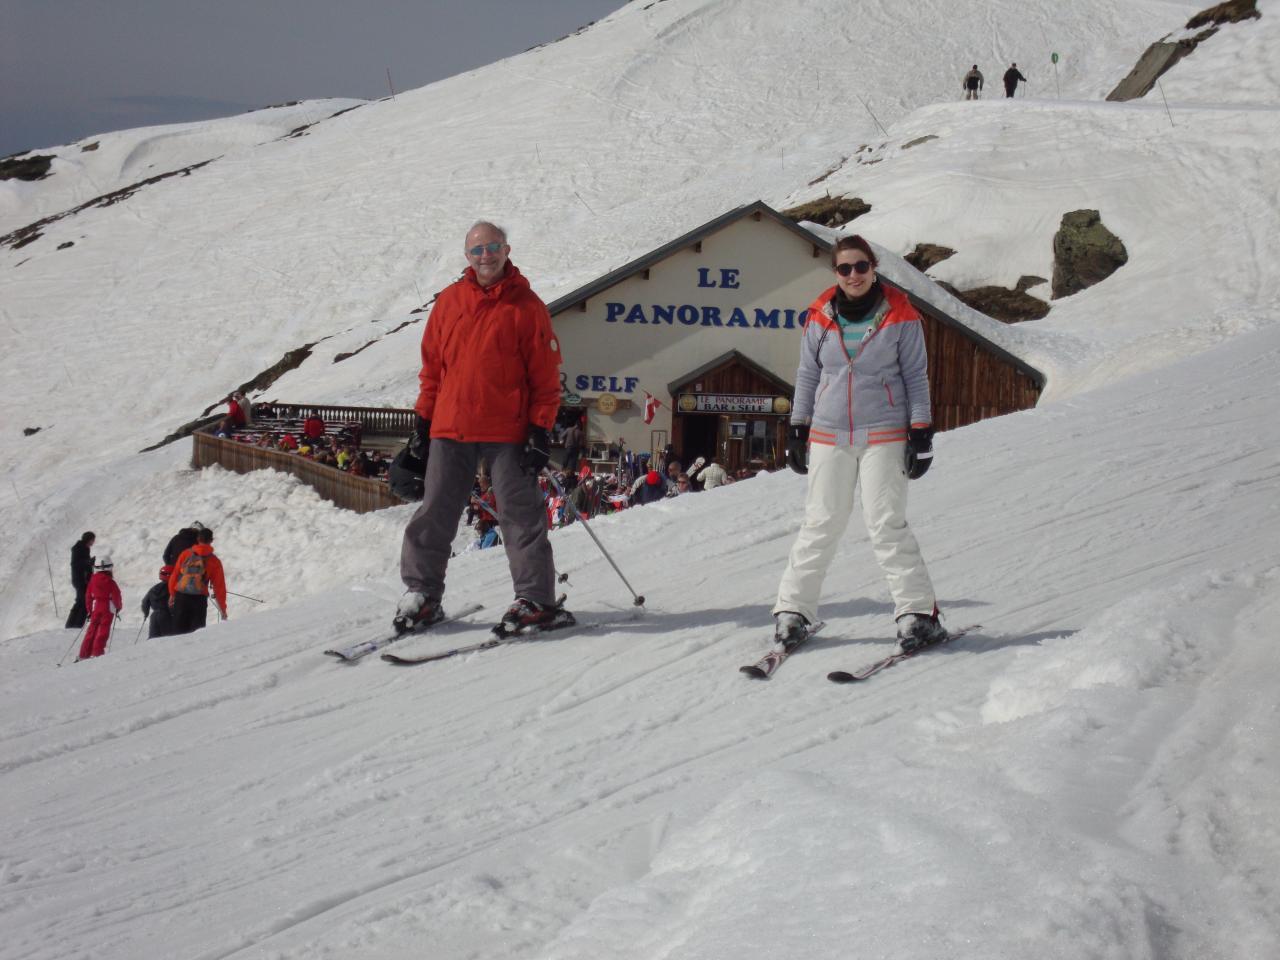 Séjour au ski mars 2014